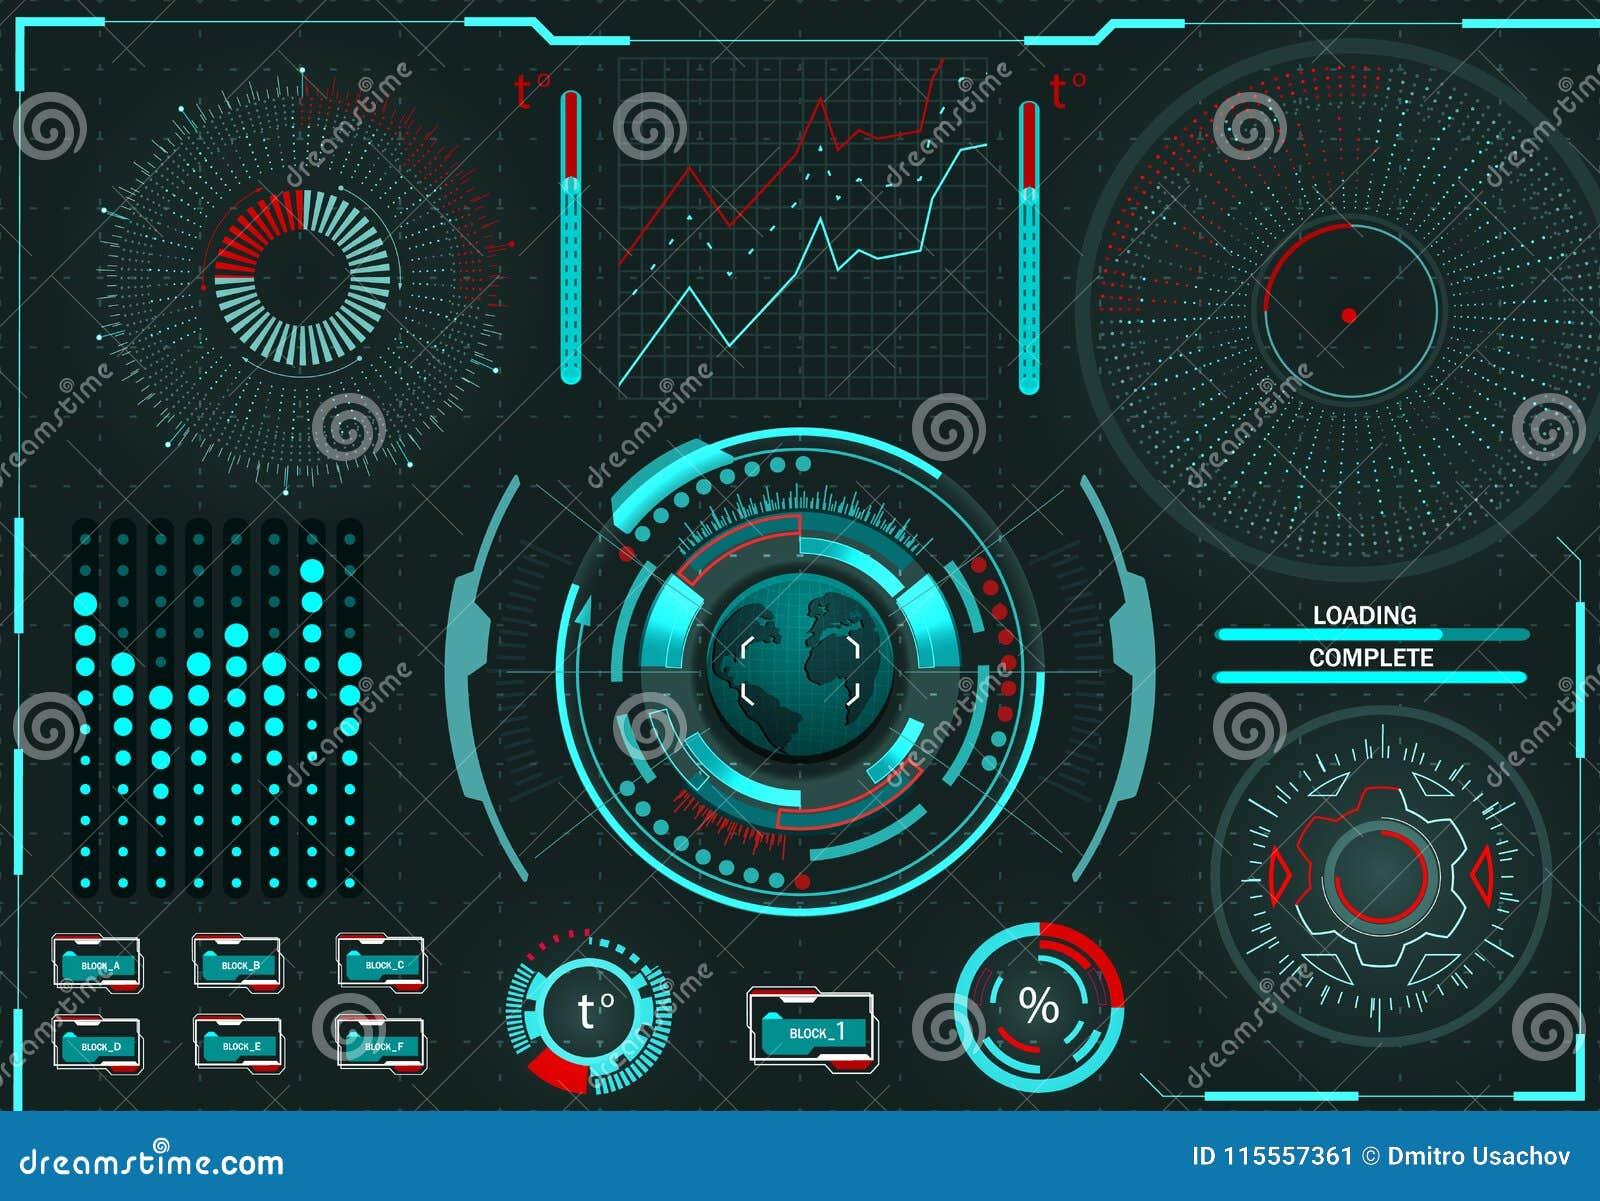 Управление компьютера Диагностическая стойка Виртуальный графический интерфейс, электронная линза, элементы HUD иллюстрация